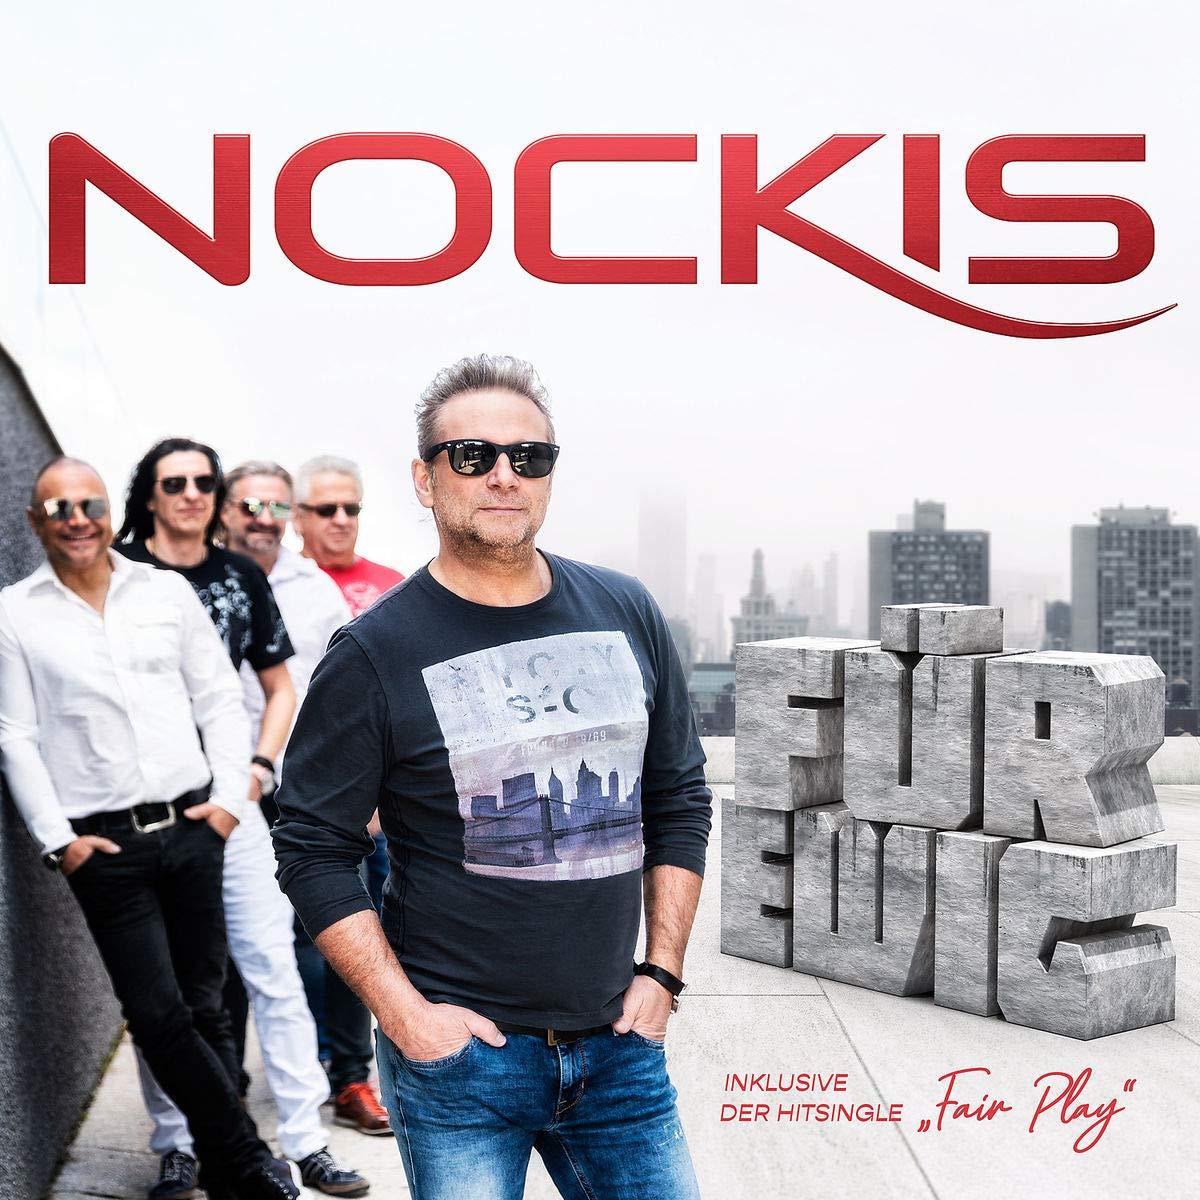 NOCKIS * Für ewig (CD)